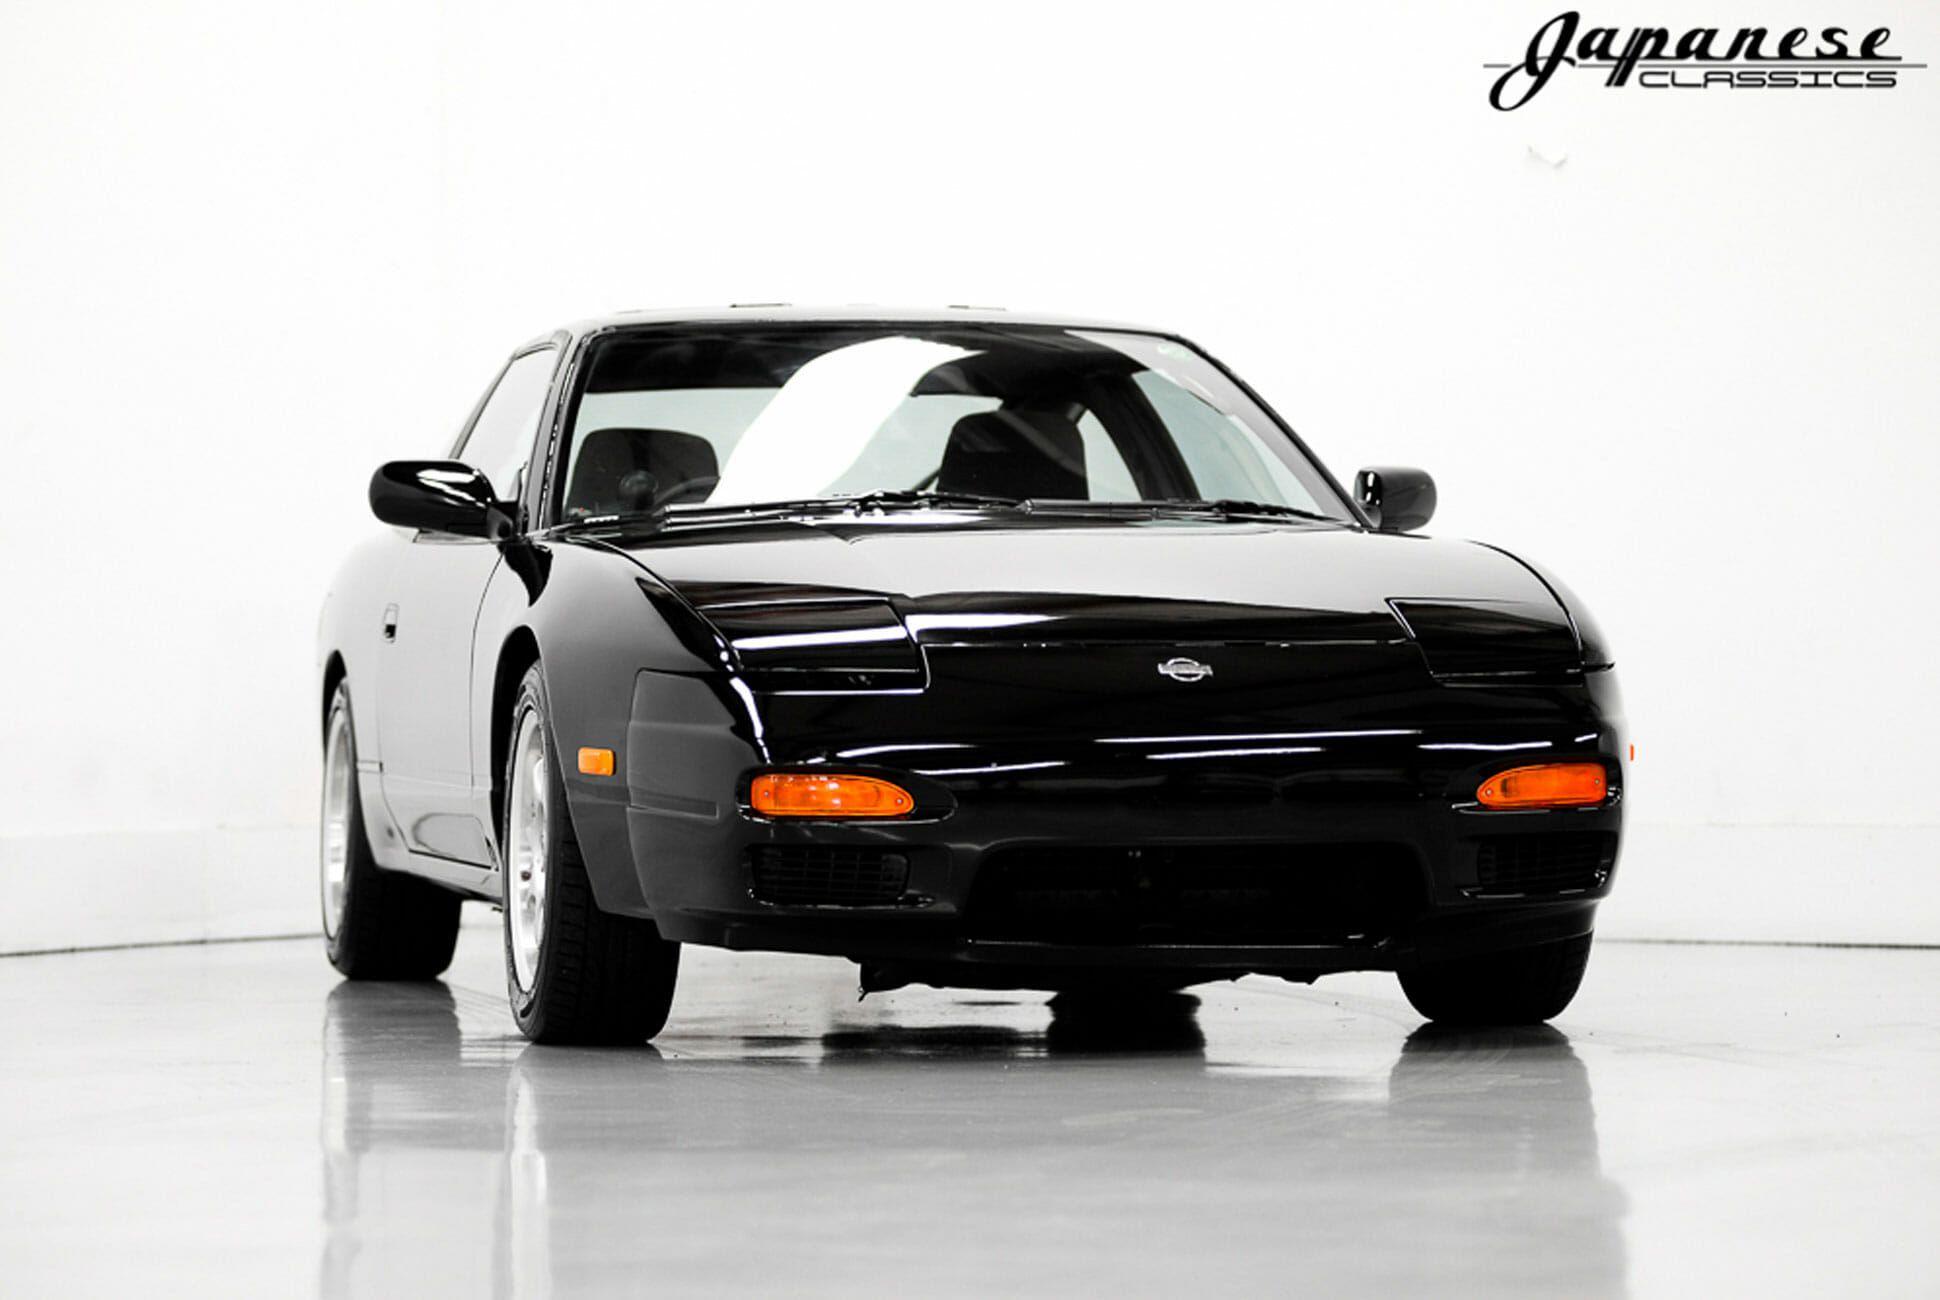 1989-Nissan-S13-Gear-Patrol-slide-1